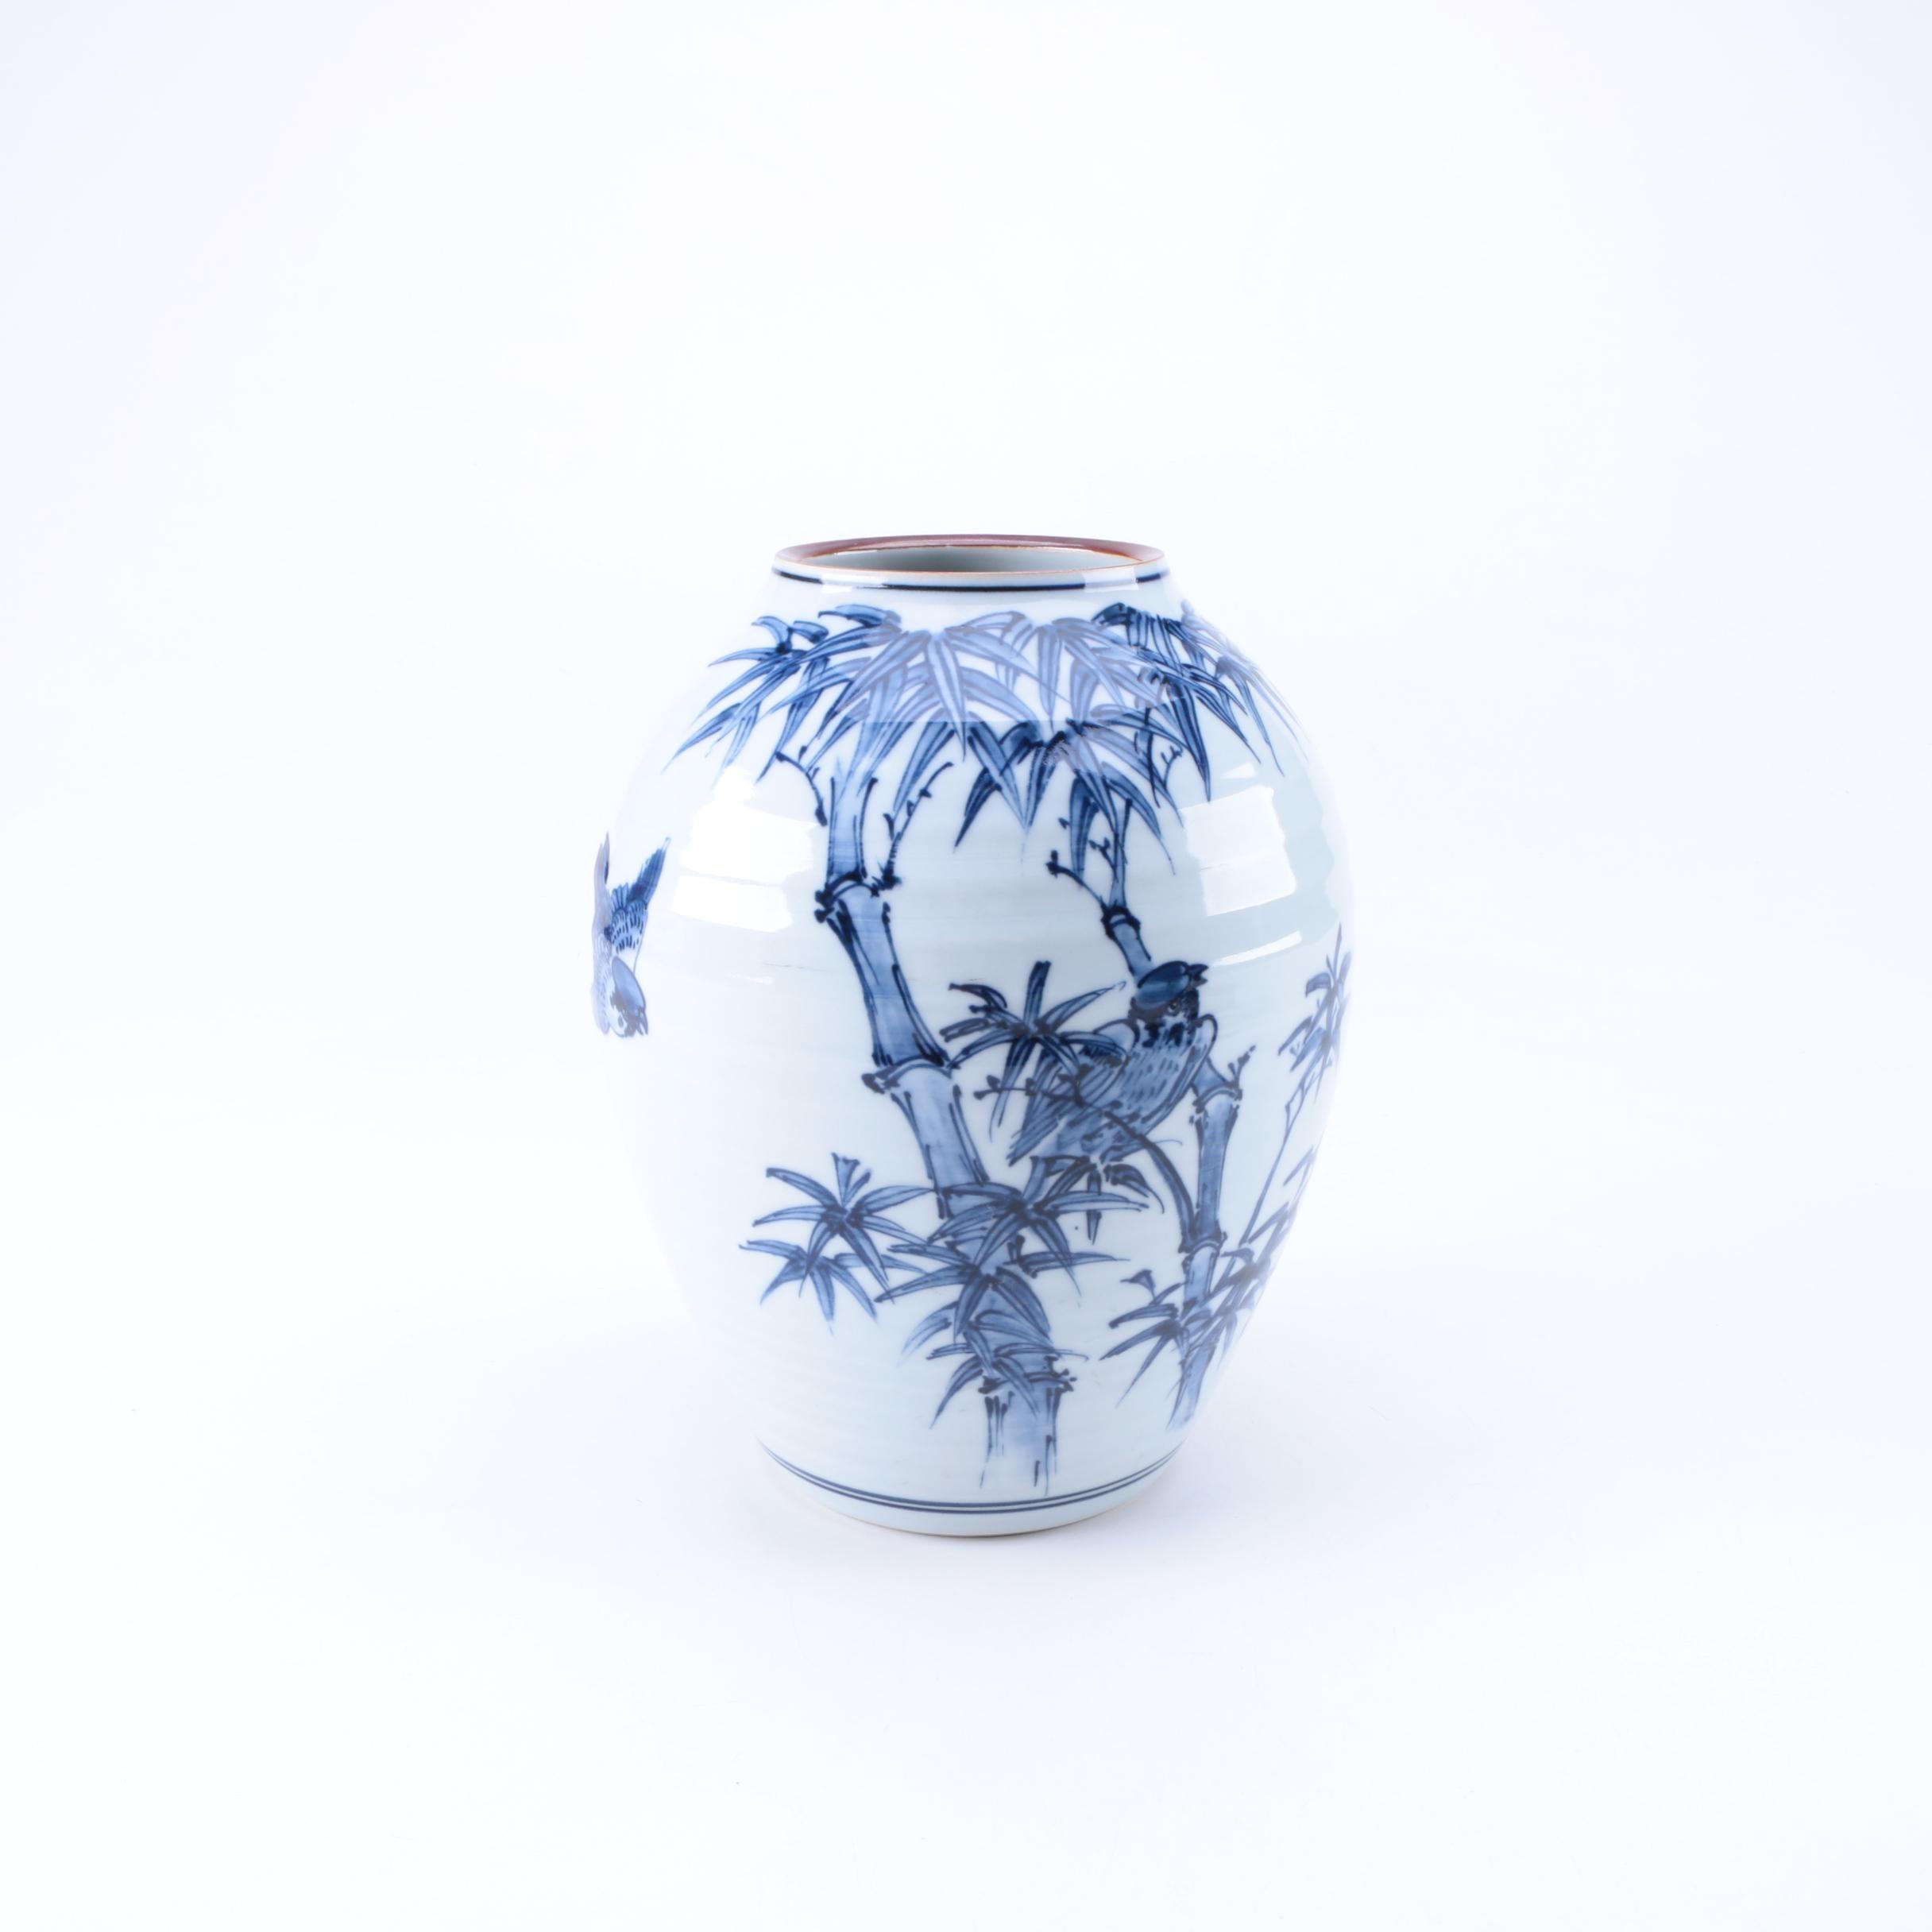 Japanese Blue and White Ceramic Vase